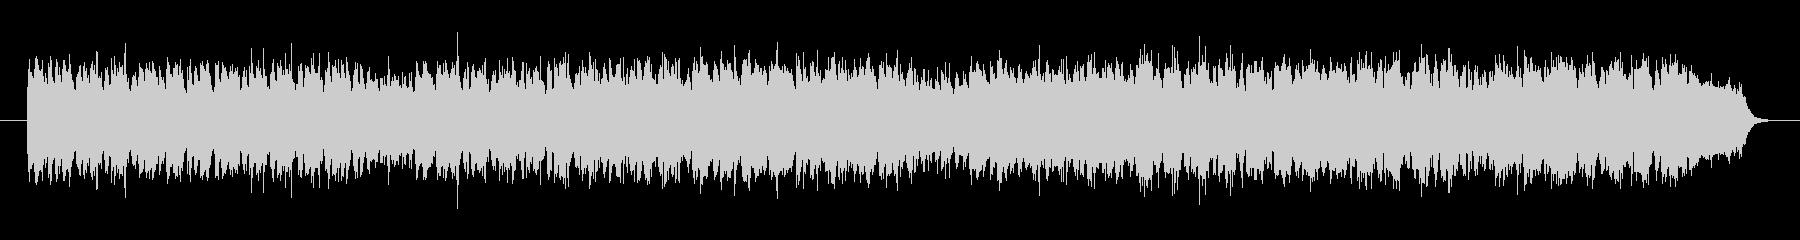 不思議なループで音階のシンセサイザーの曲の未再生の波形